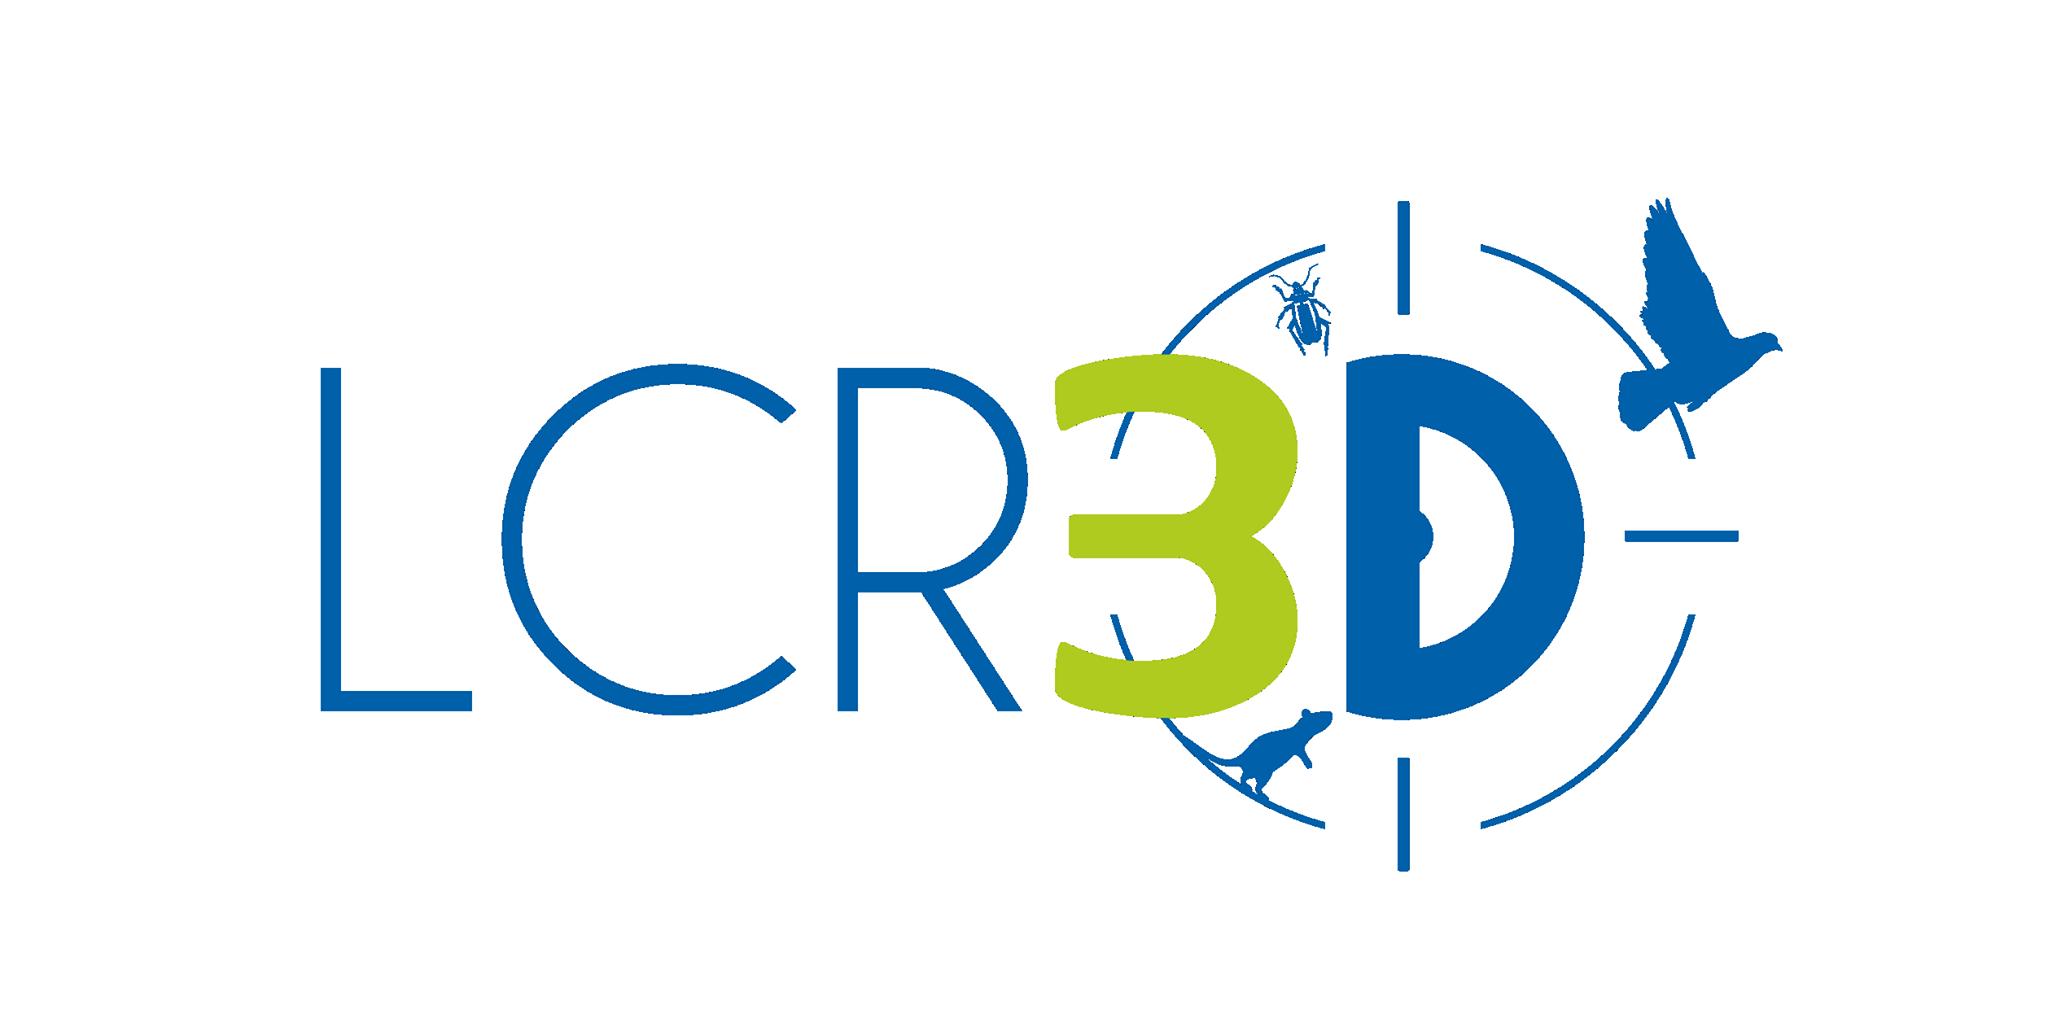 LCR3D